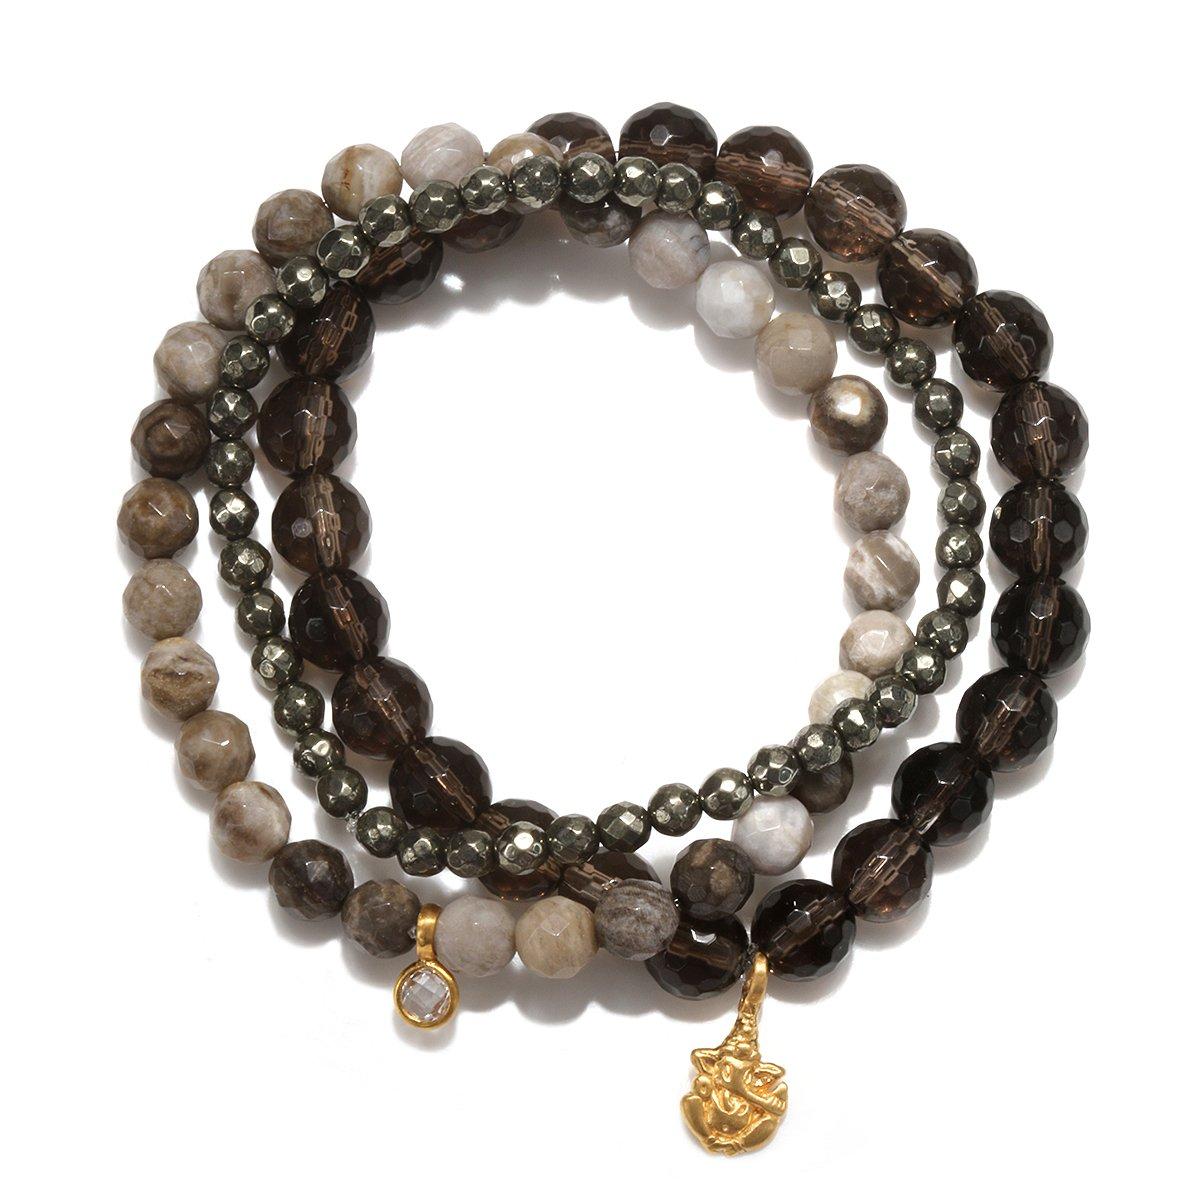 Satya Jewelry Smokey Quartz, Agate, Pyrite Gold Plate Ganesha Stretch Bracelet by Satya Jewelry